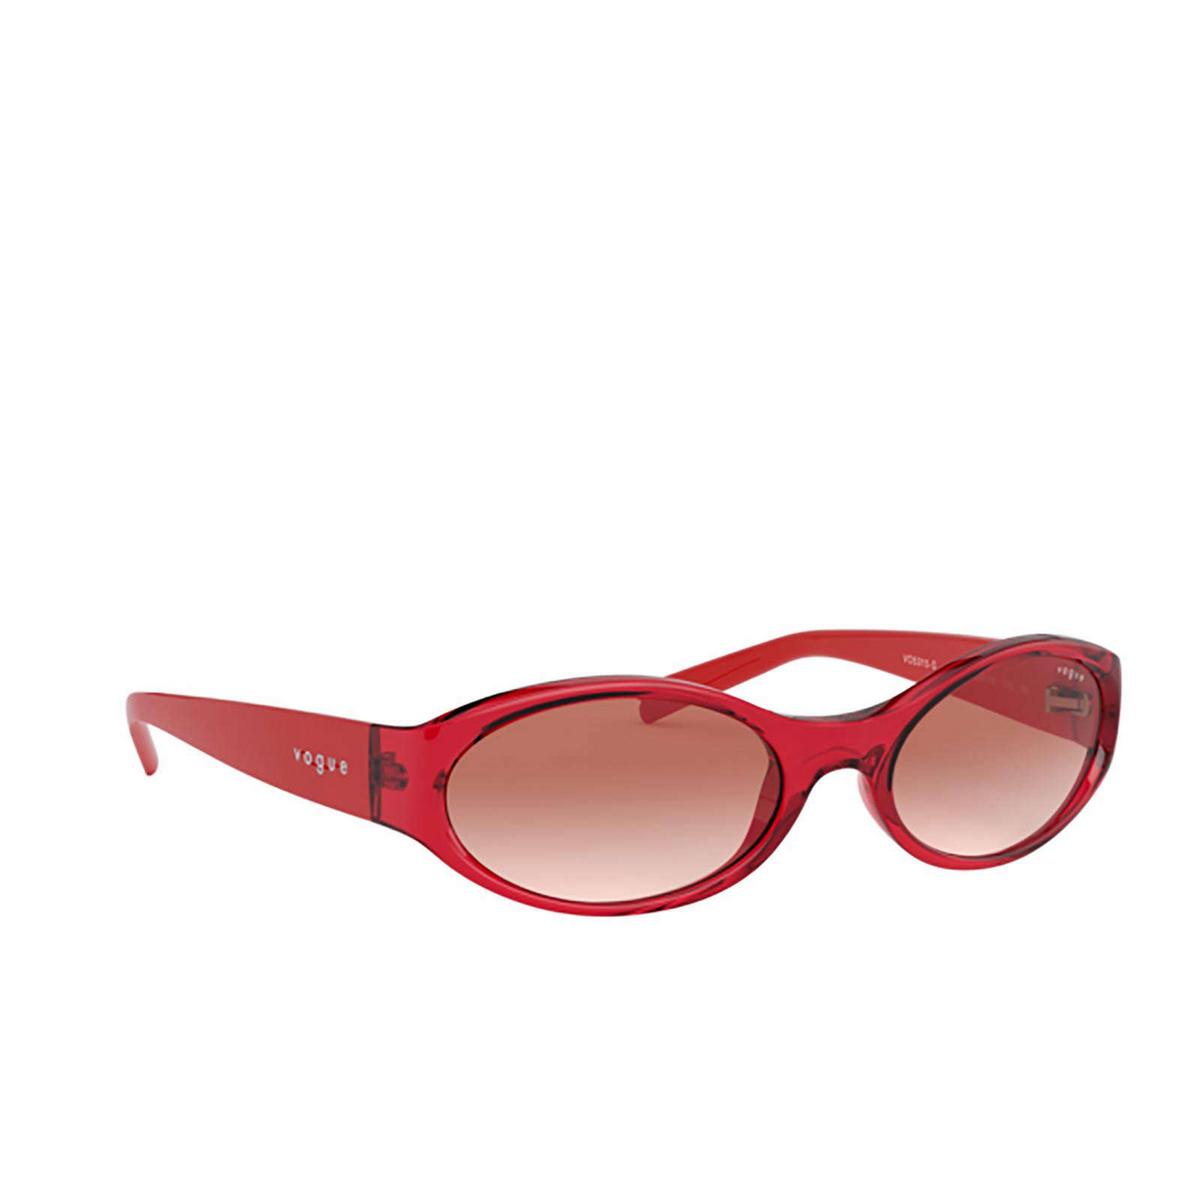 Vogue® Oval Sunglasses: VO5315S color Transparent Red 280313 - three-quarters view.